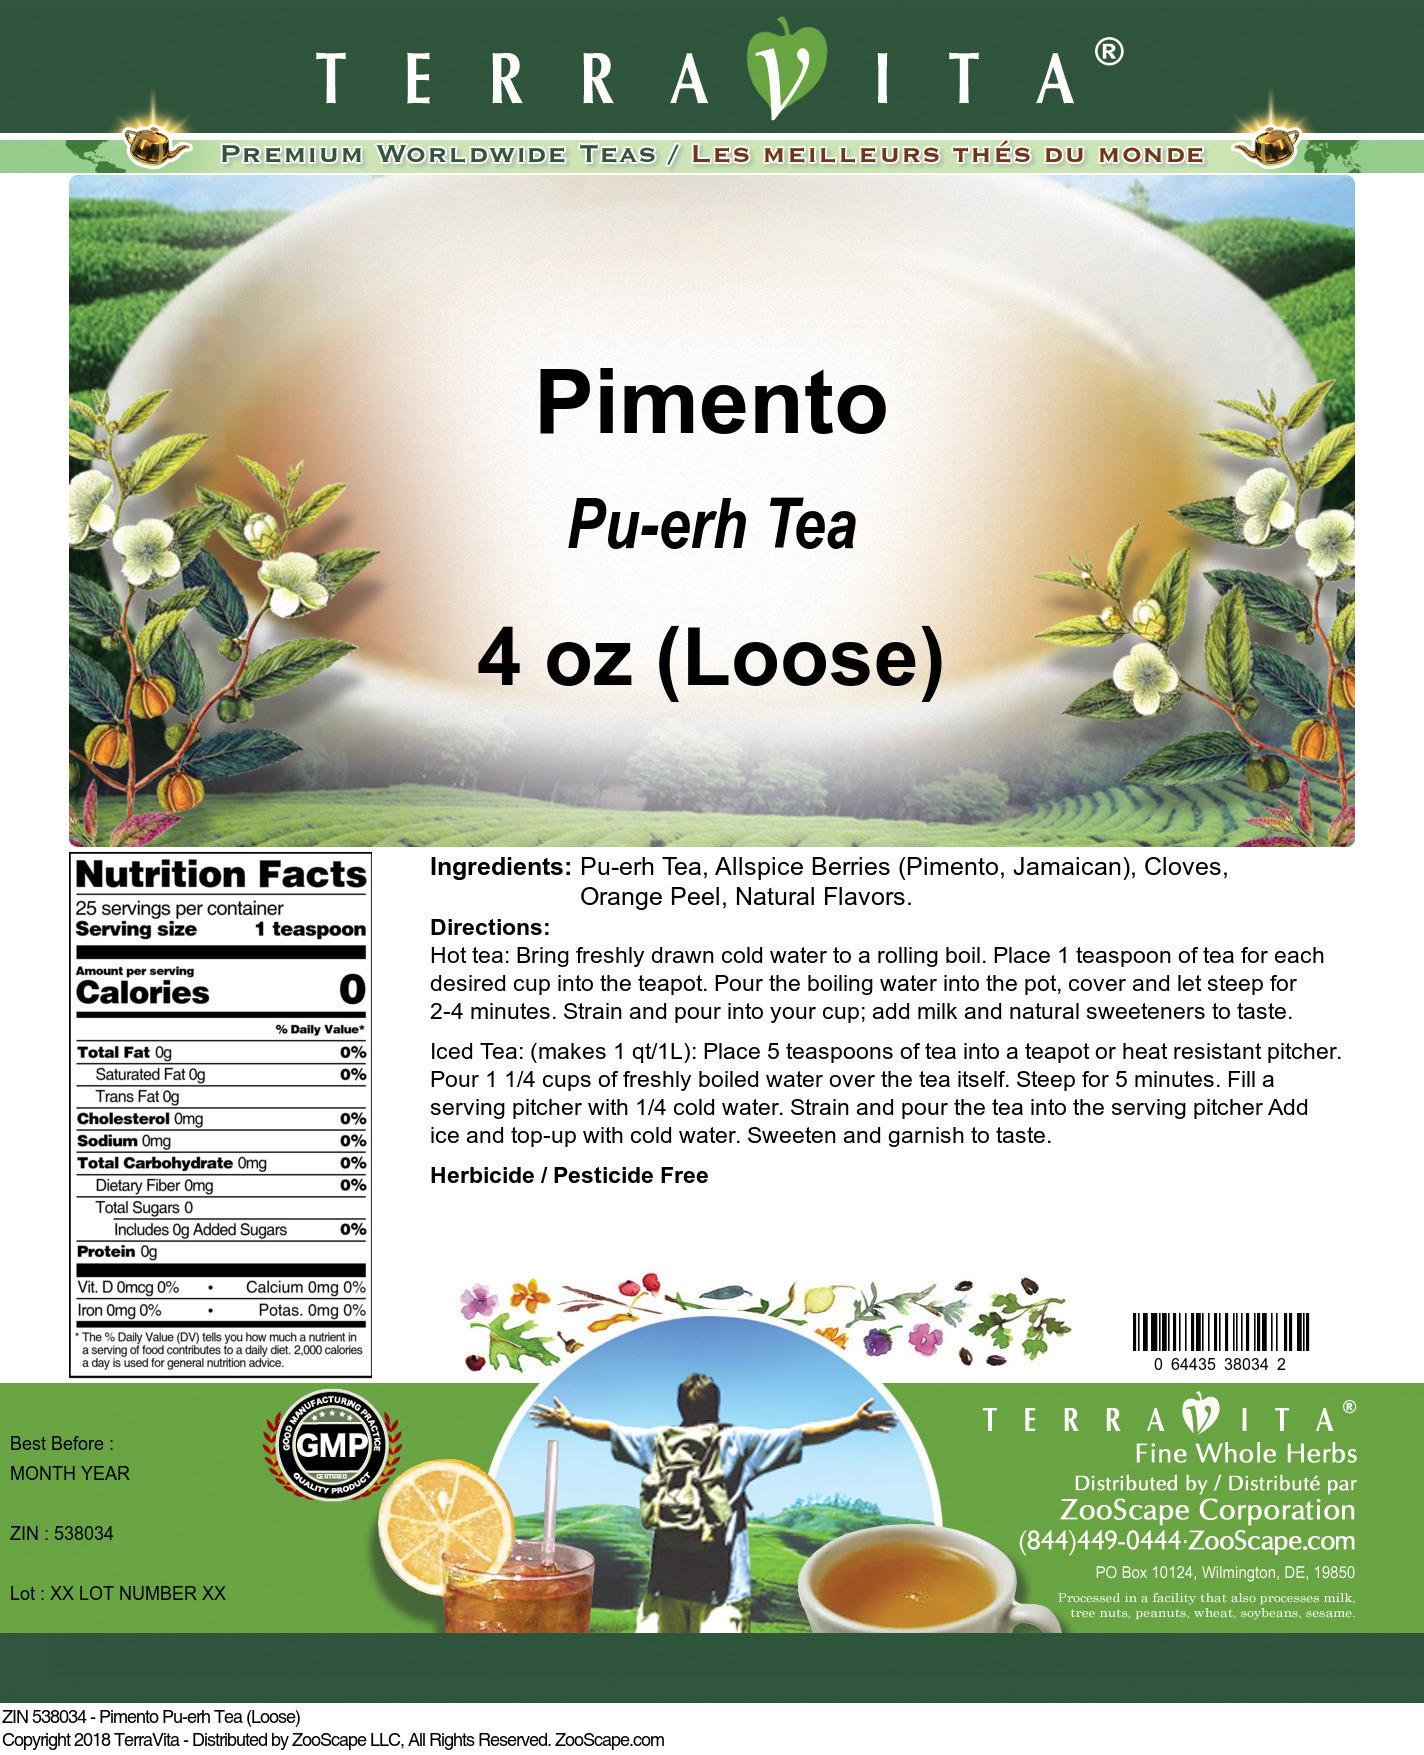 Pimento Pu-erh Tea (Loose)